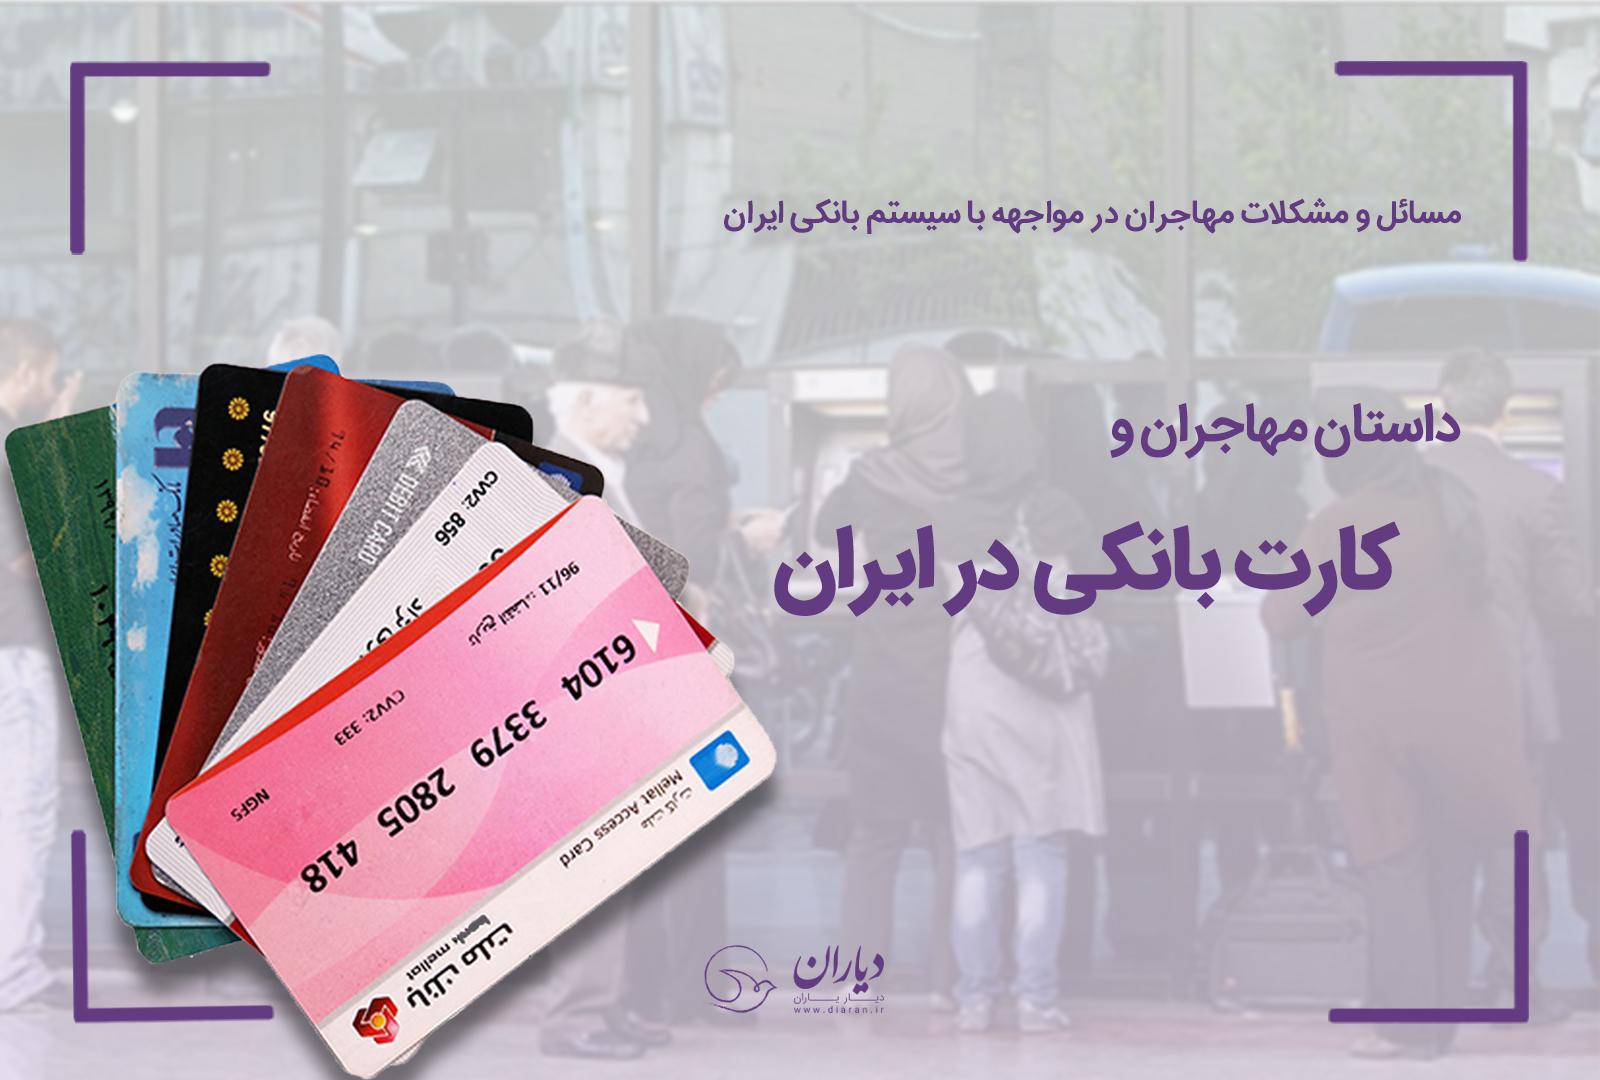 داستان مهاجران و کارت بانکی در ایران